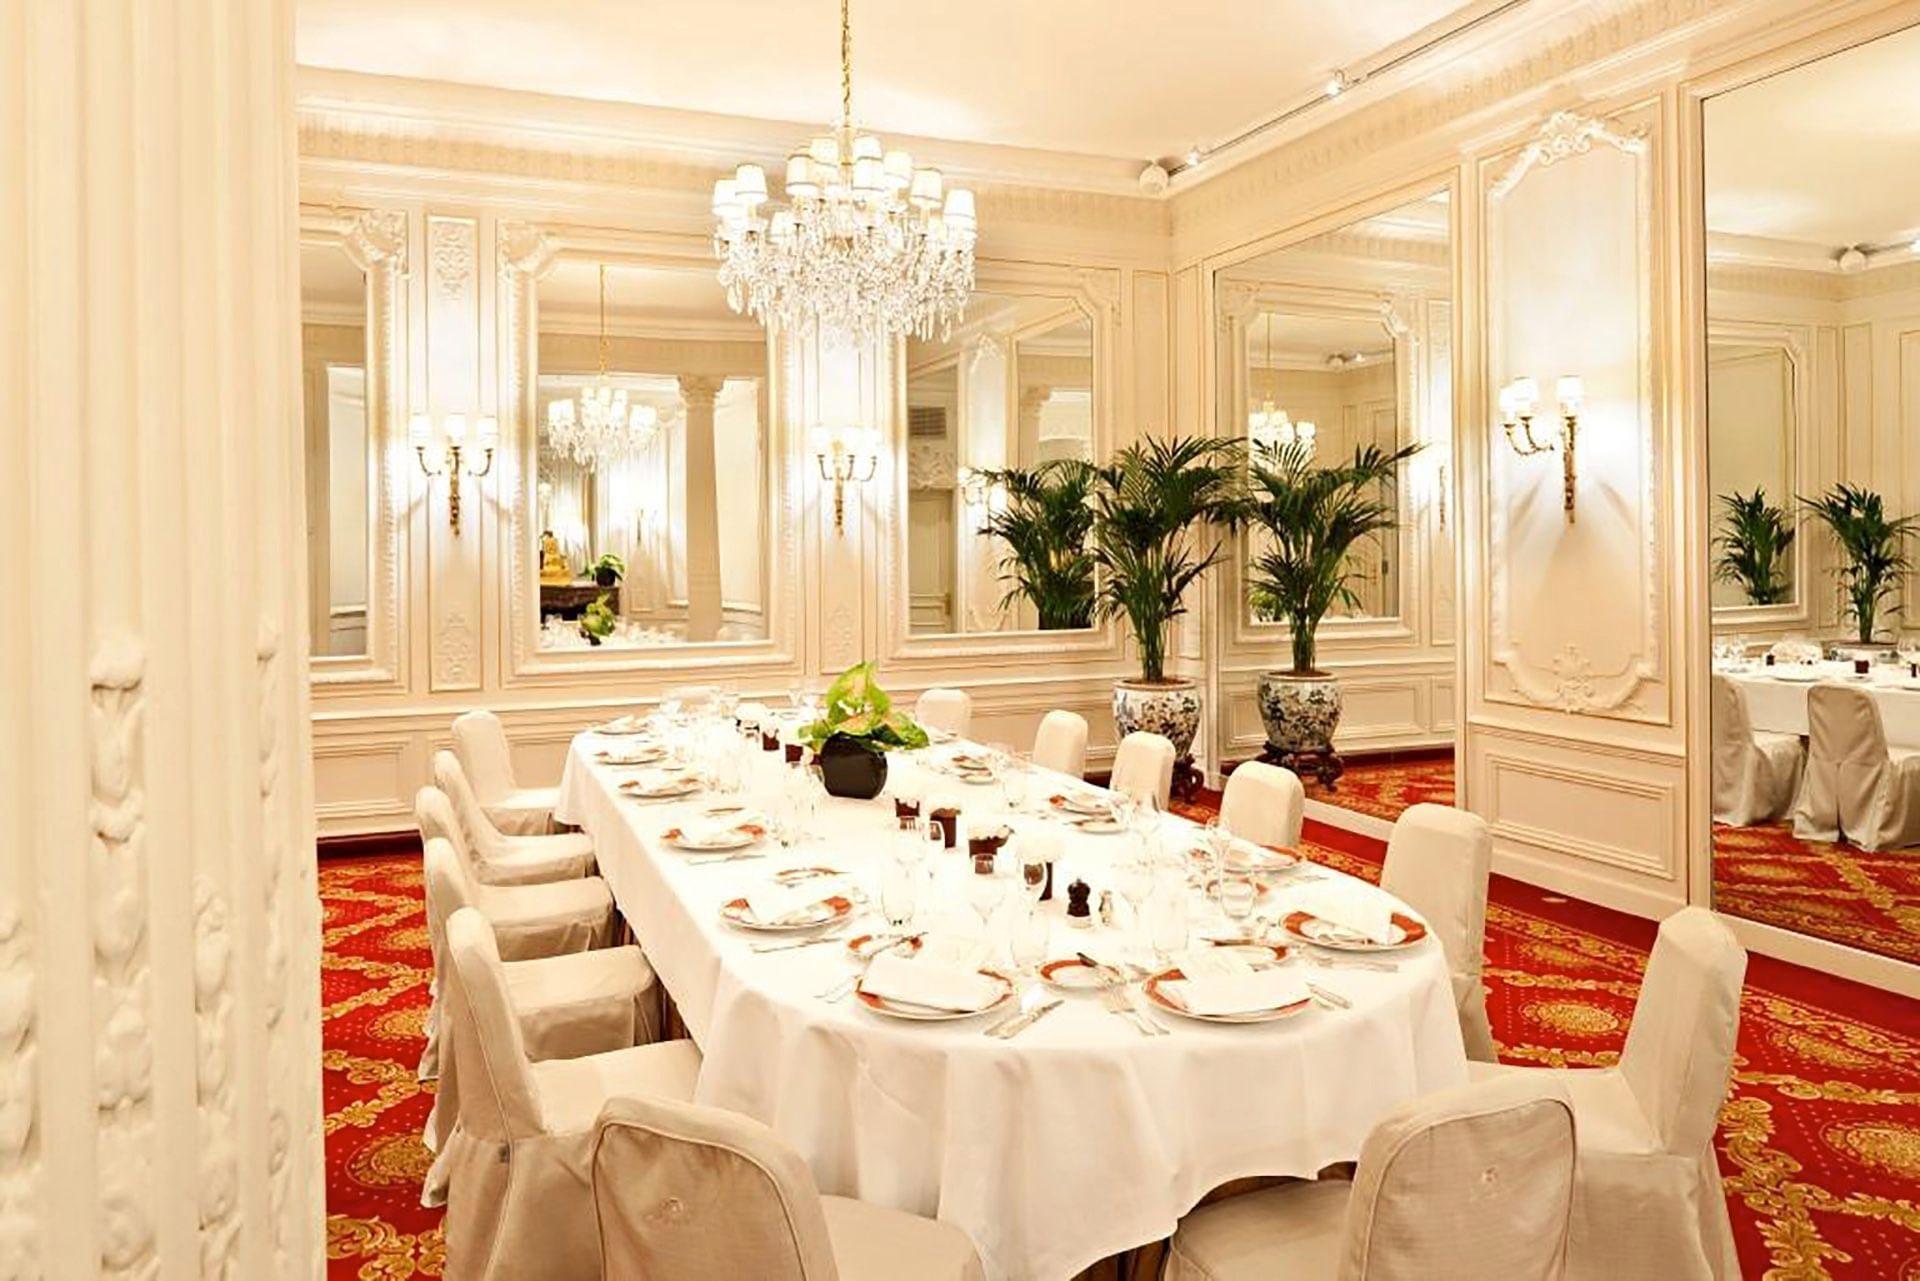 Séminaires et Banquets _ Salle de réunion6